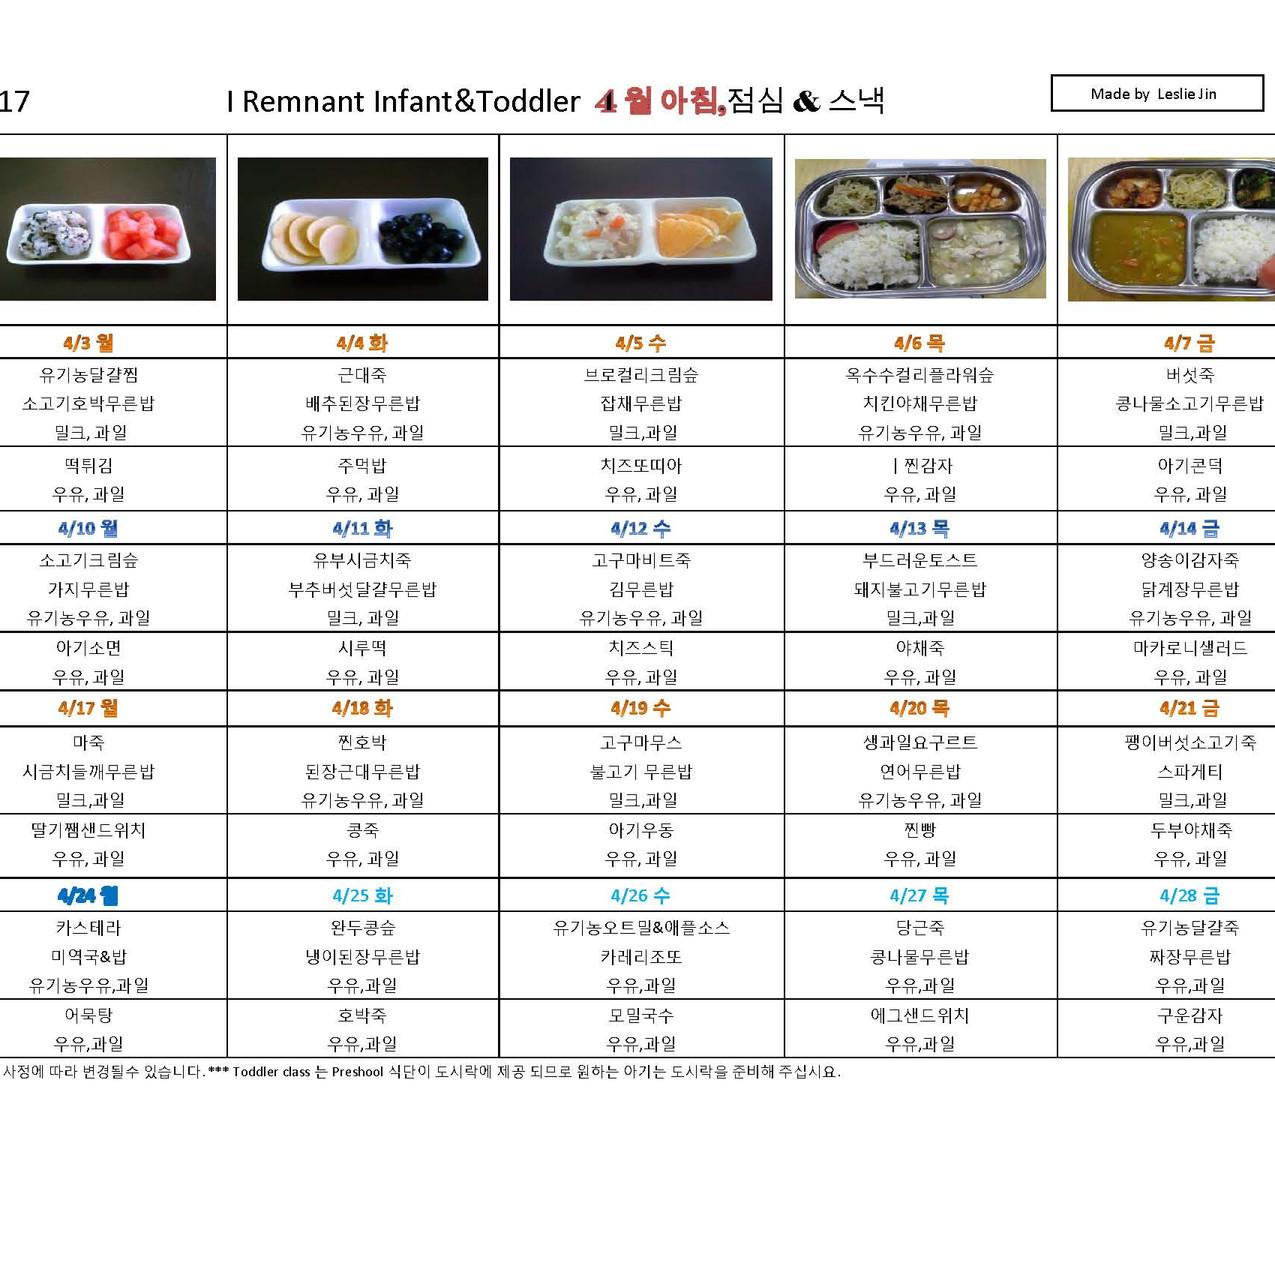 2017년 iRemnant 4월 Menu_Page_1